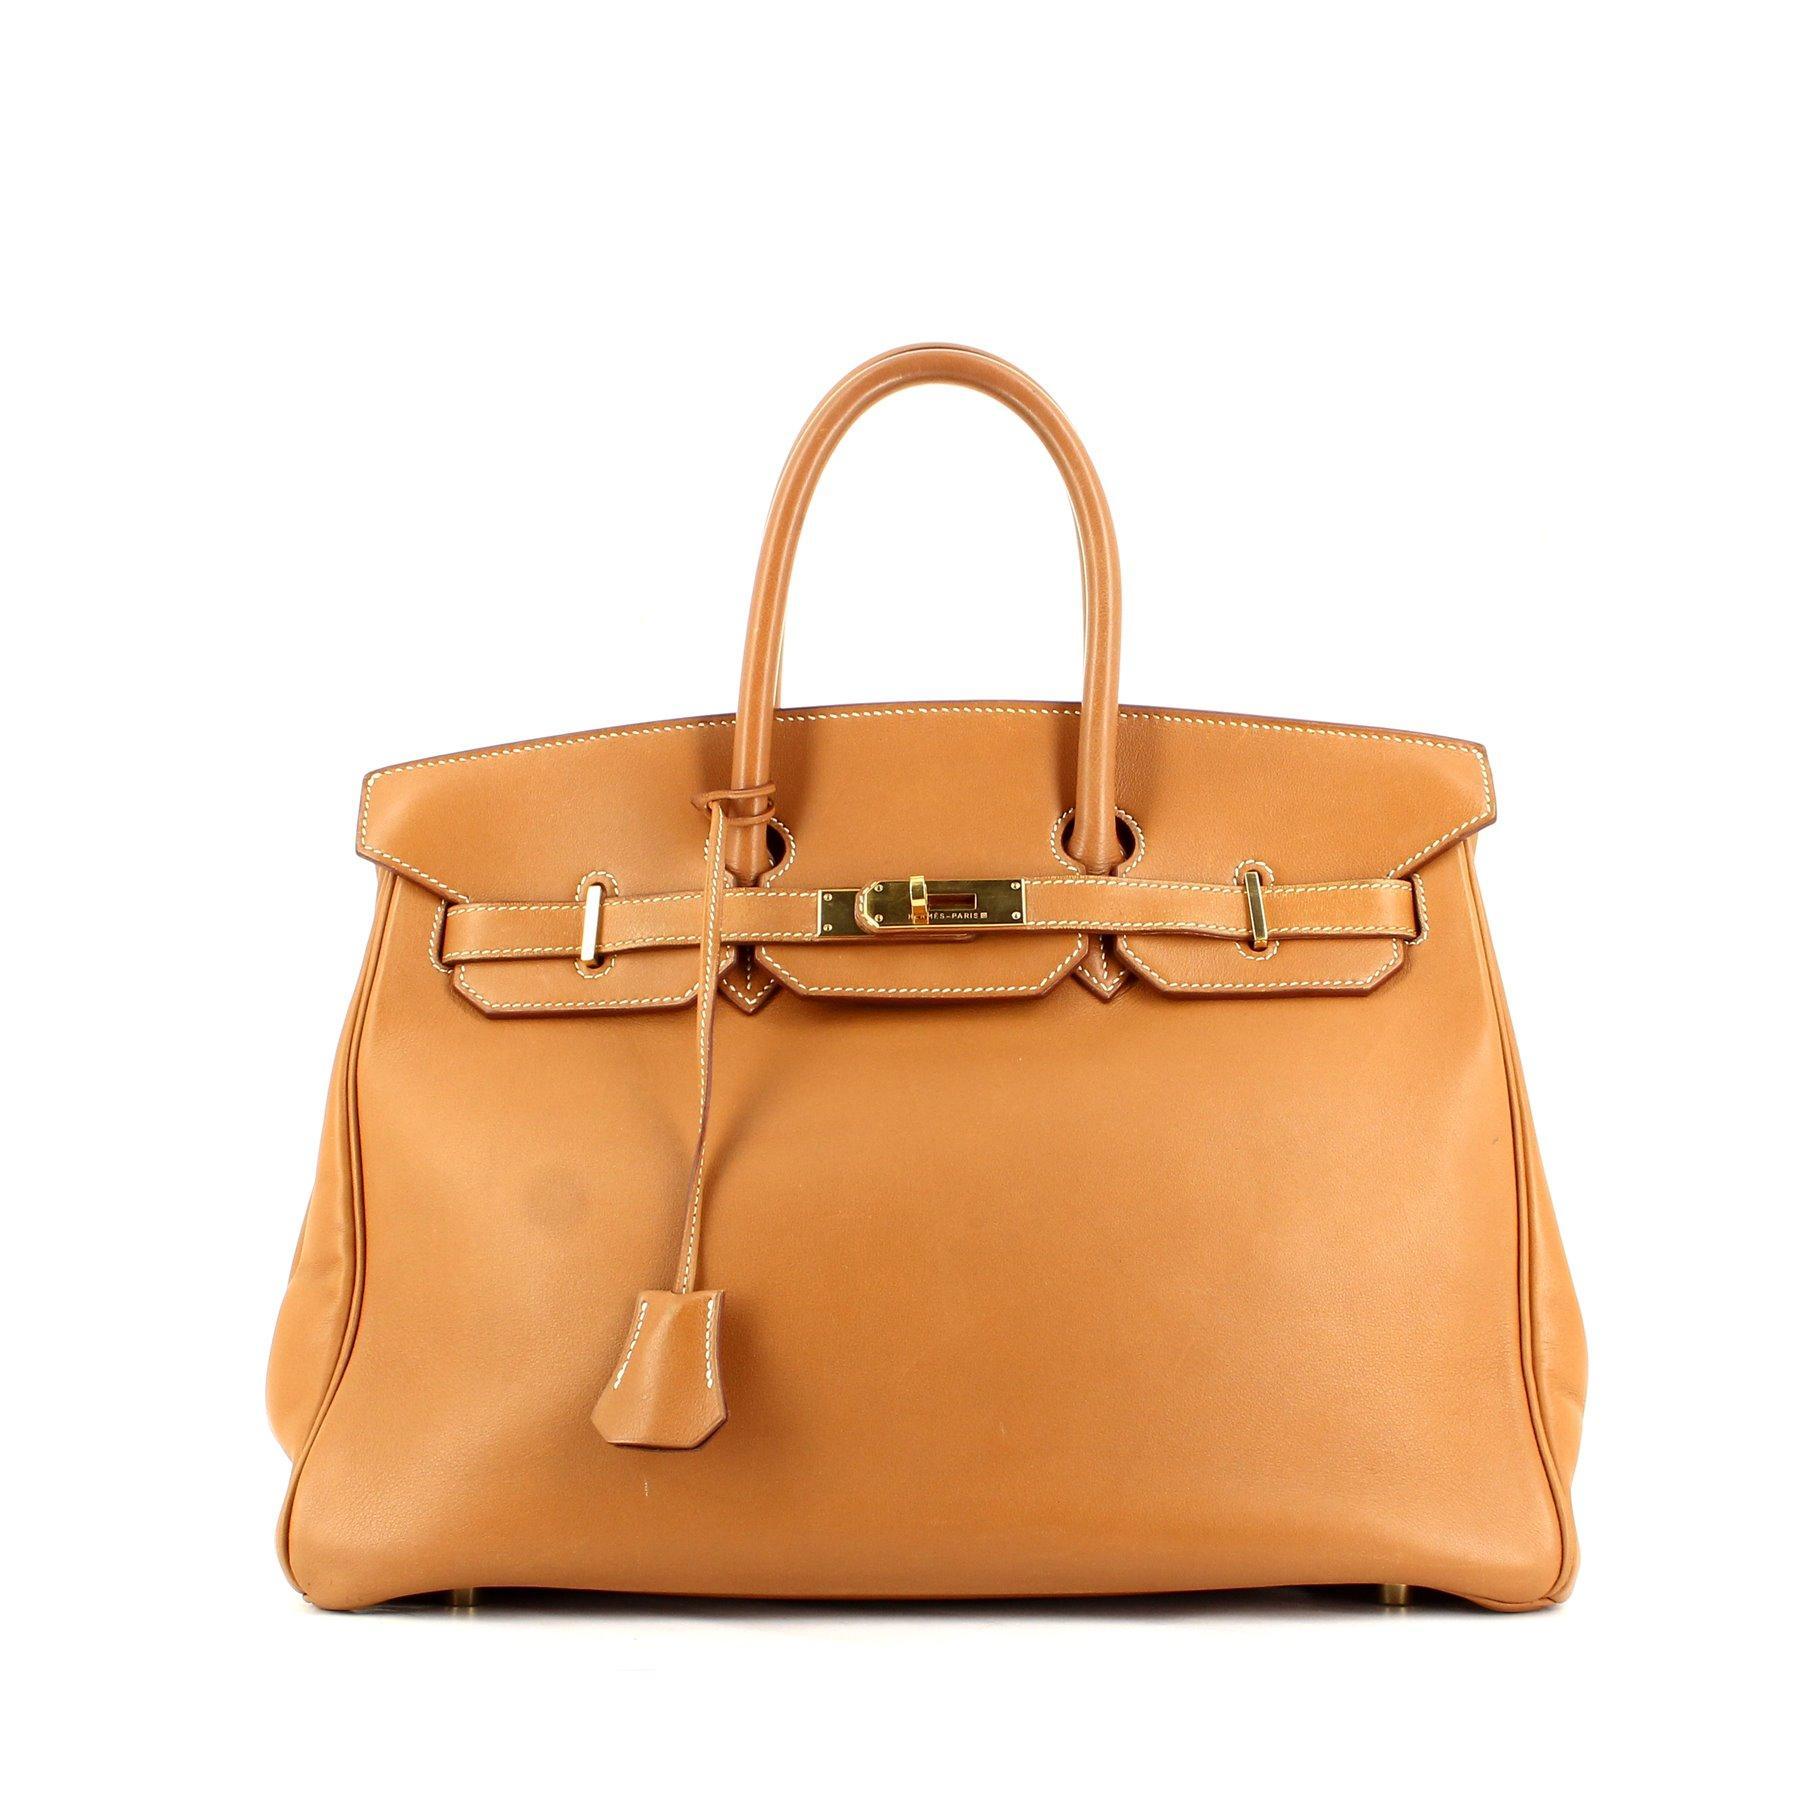 477eefd4ea Un sac, un look : le Birkin d'Hermès, éternel intemporel - Madame Figaro